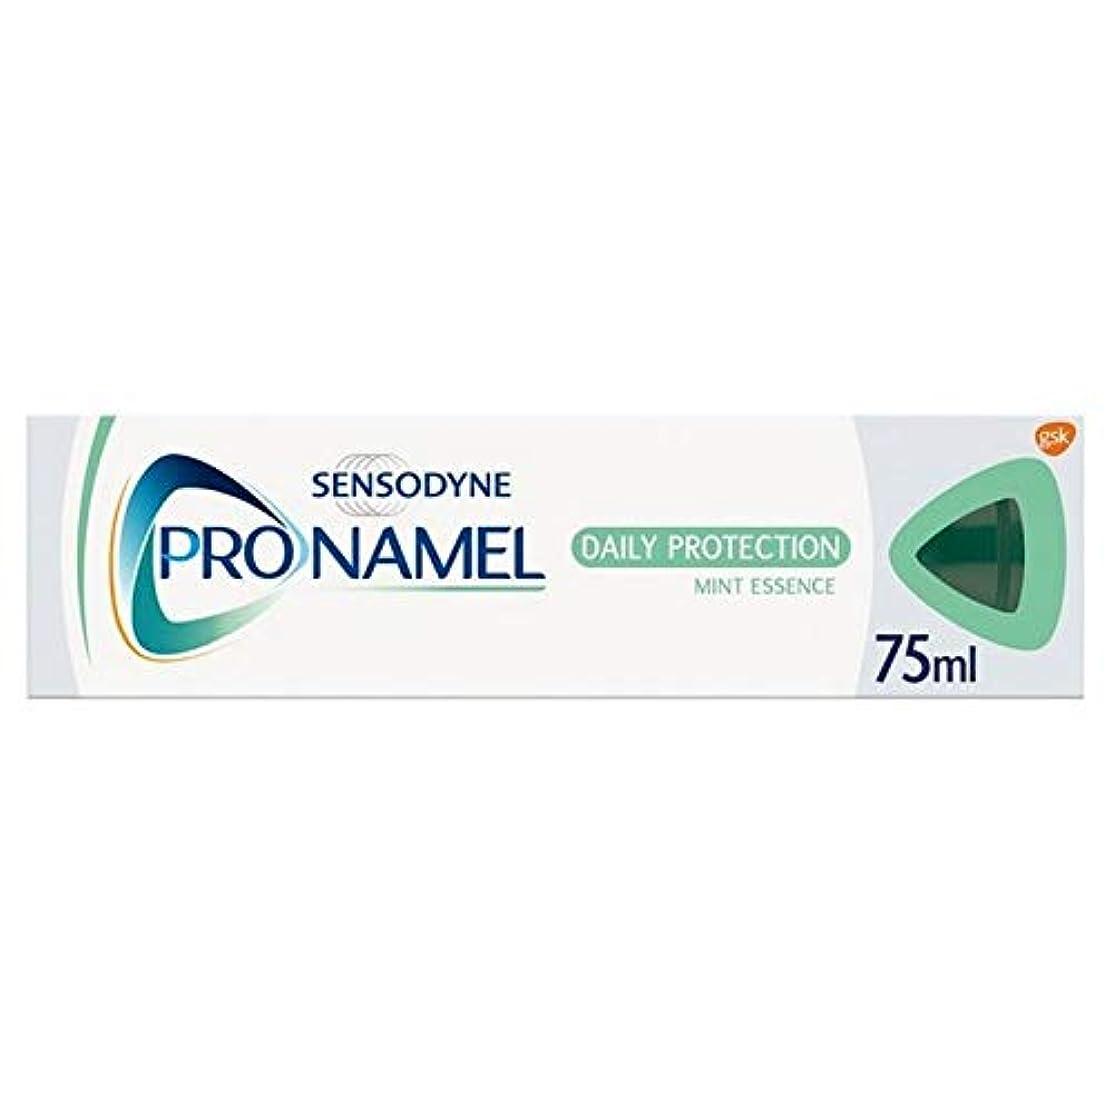 通信するすることになっている悪因子[Sensodyne] SensodyneのPronamel毎日保護エナメルケア歯磨き粉75ミリリットル - Sensodyne Pronamel Daily Protection Enamel Care Toothpaste 75ml [並行輸入品]